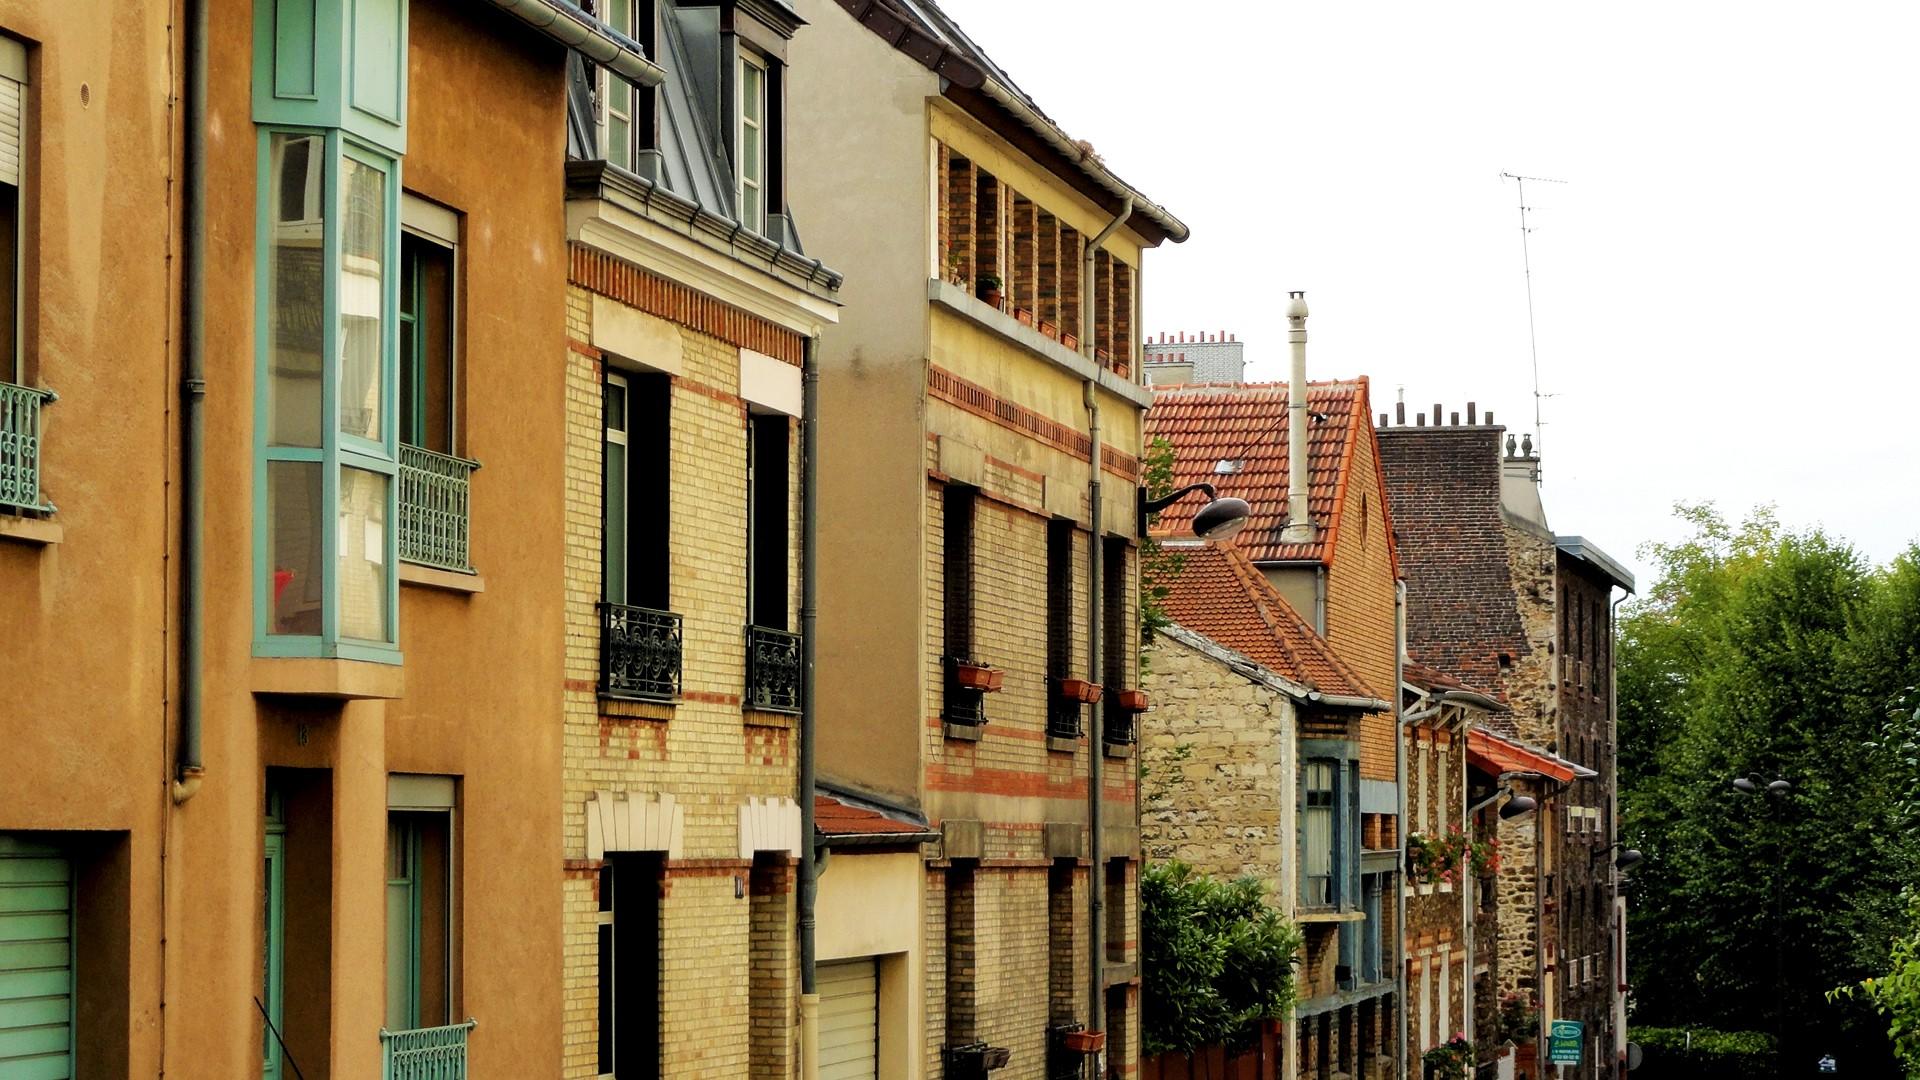 Balade dans le 15e - Rue PierreMille